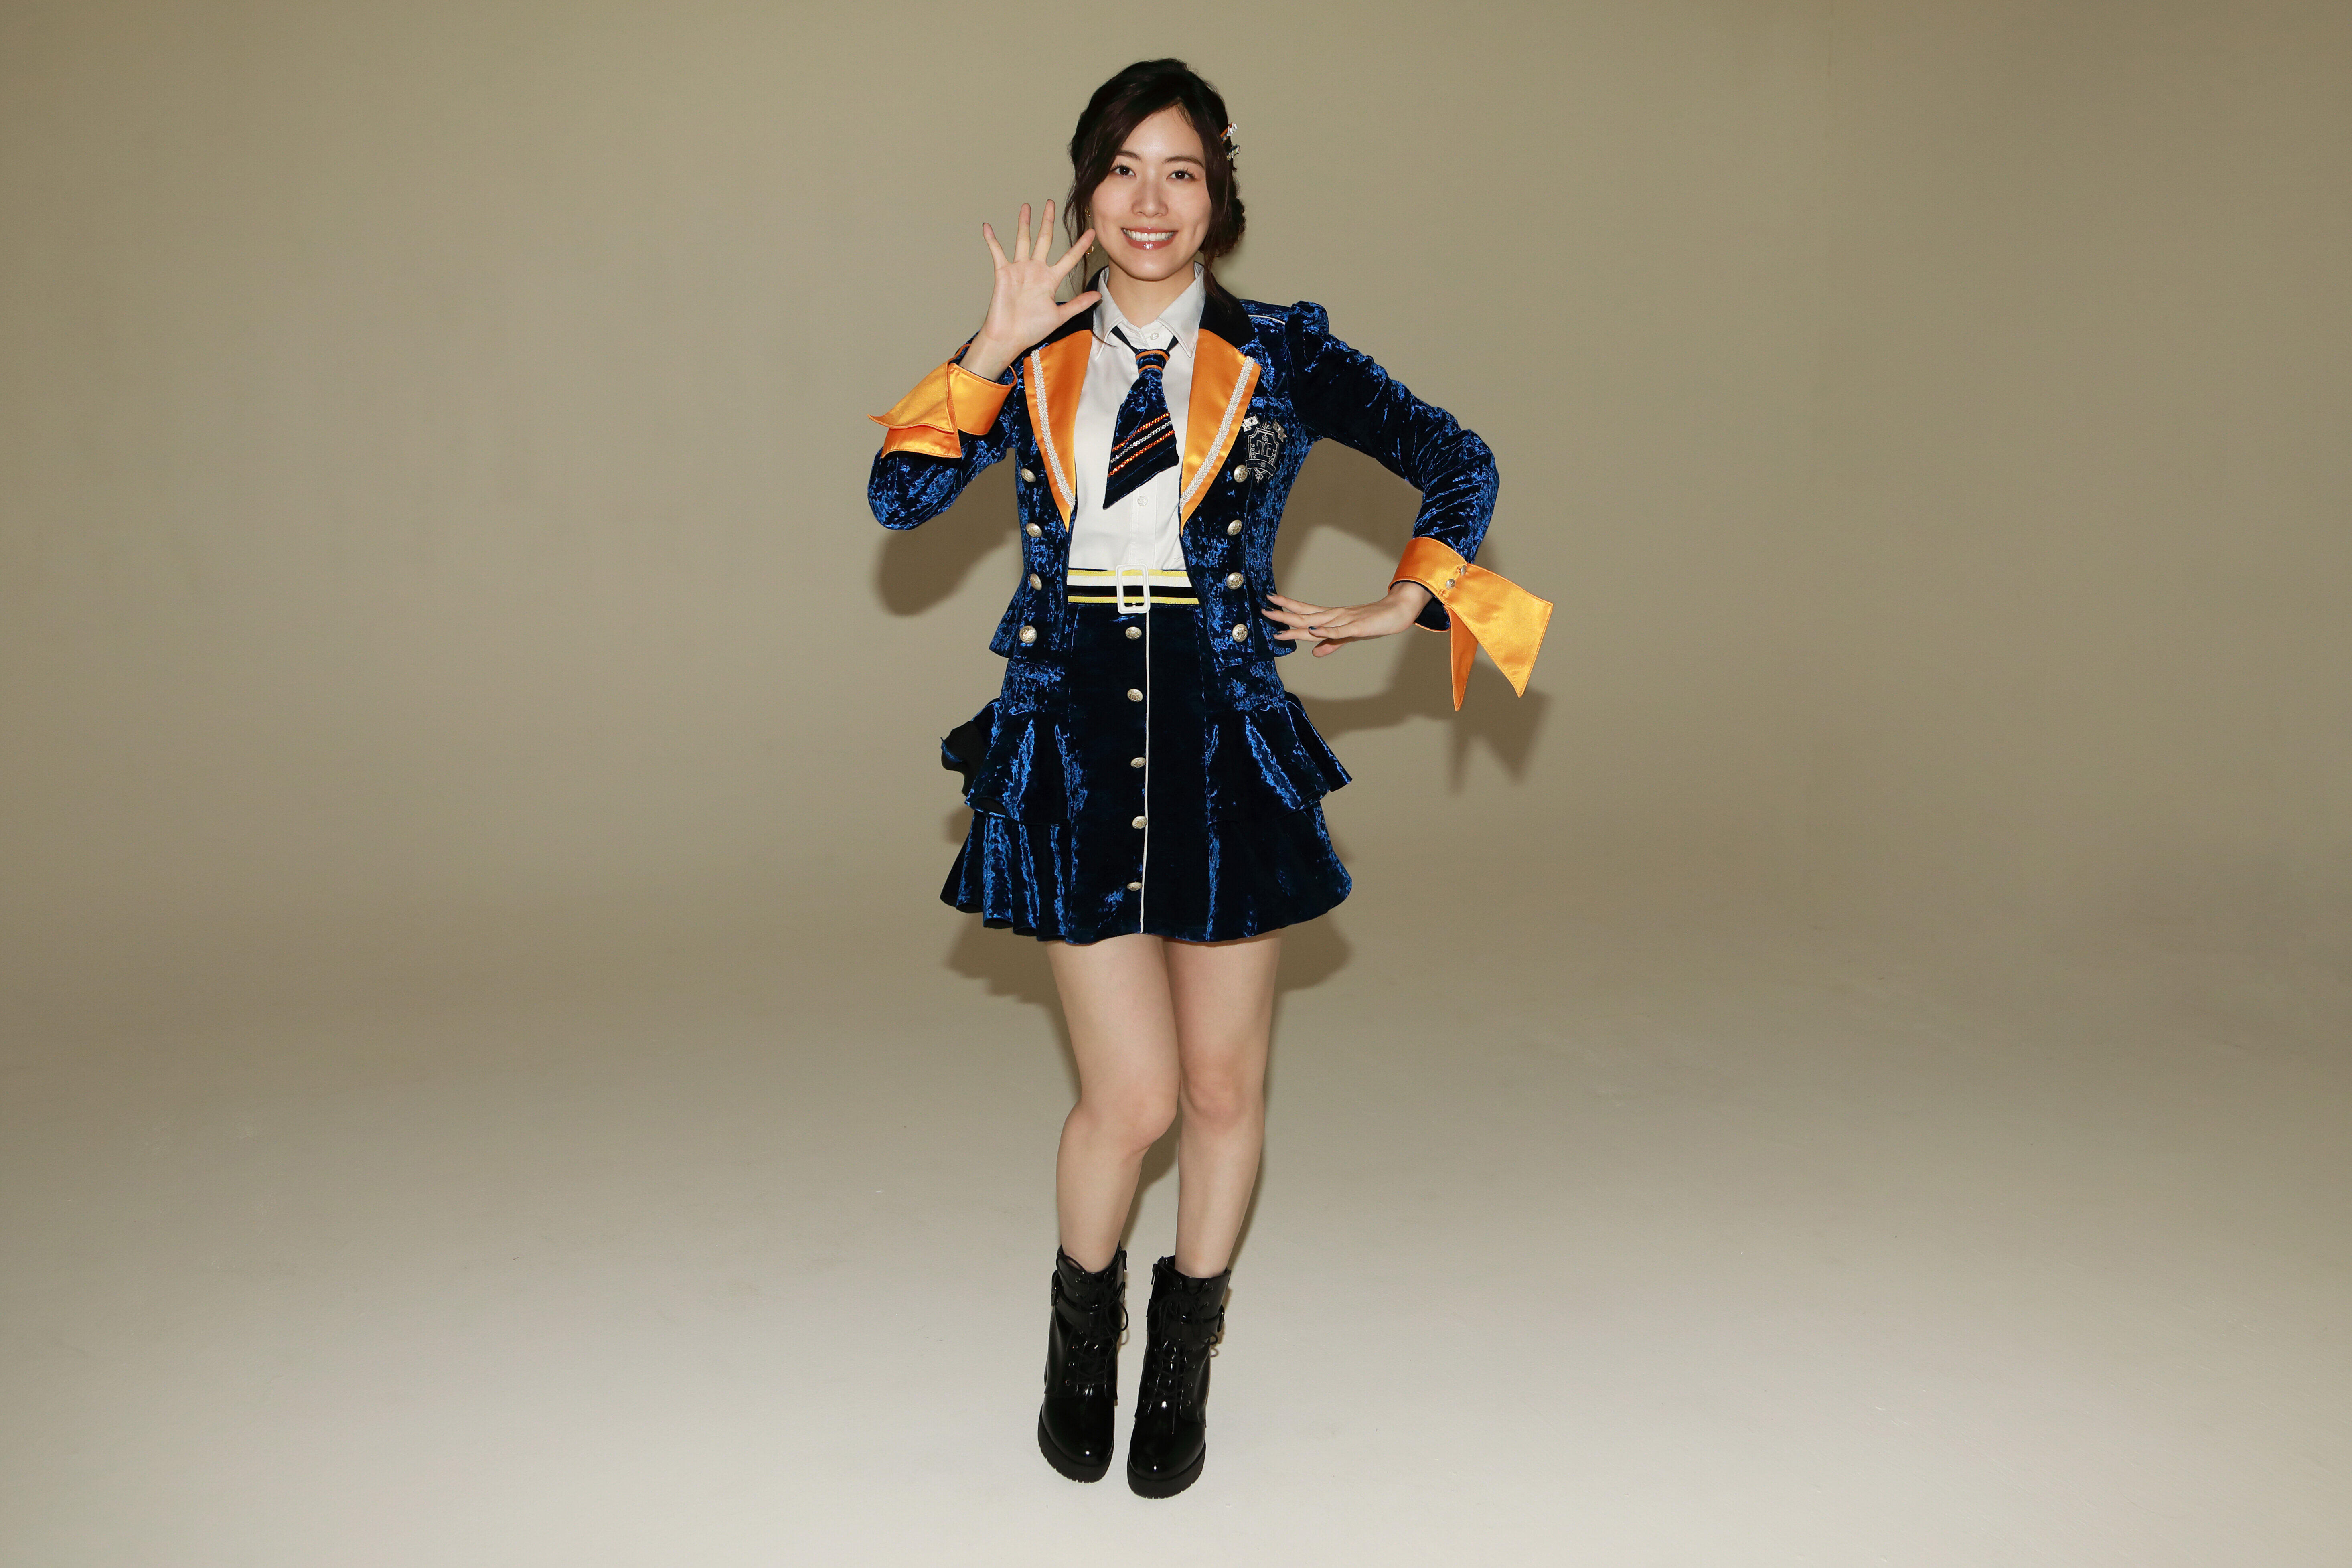 SKE48の松井珠理奈さんはJ-CASTニュースとのインタビューで「私は『センターは固定すべき派』なので...」などと話した